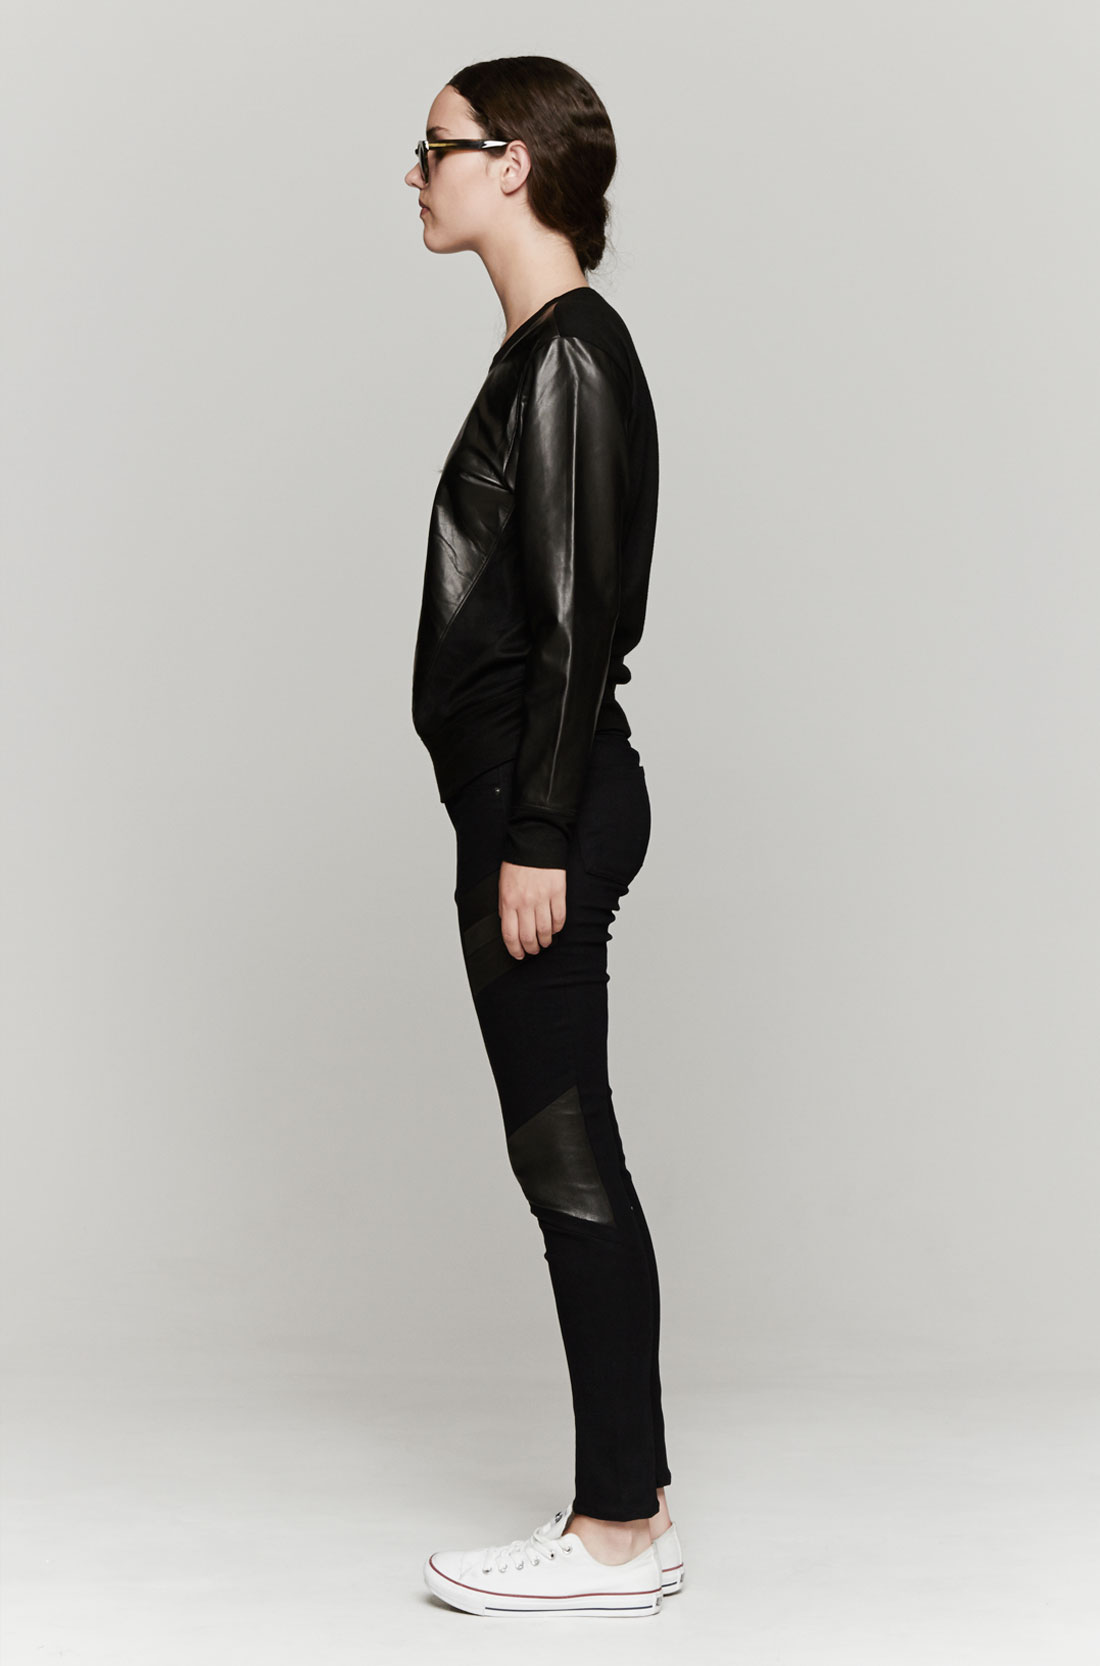 Lyst helmut lang leather sweatshirt in black - Sweatshirt kleid lang ...